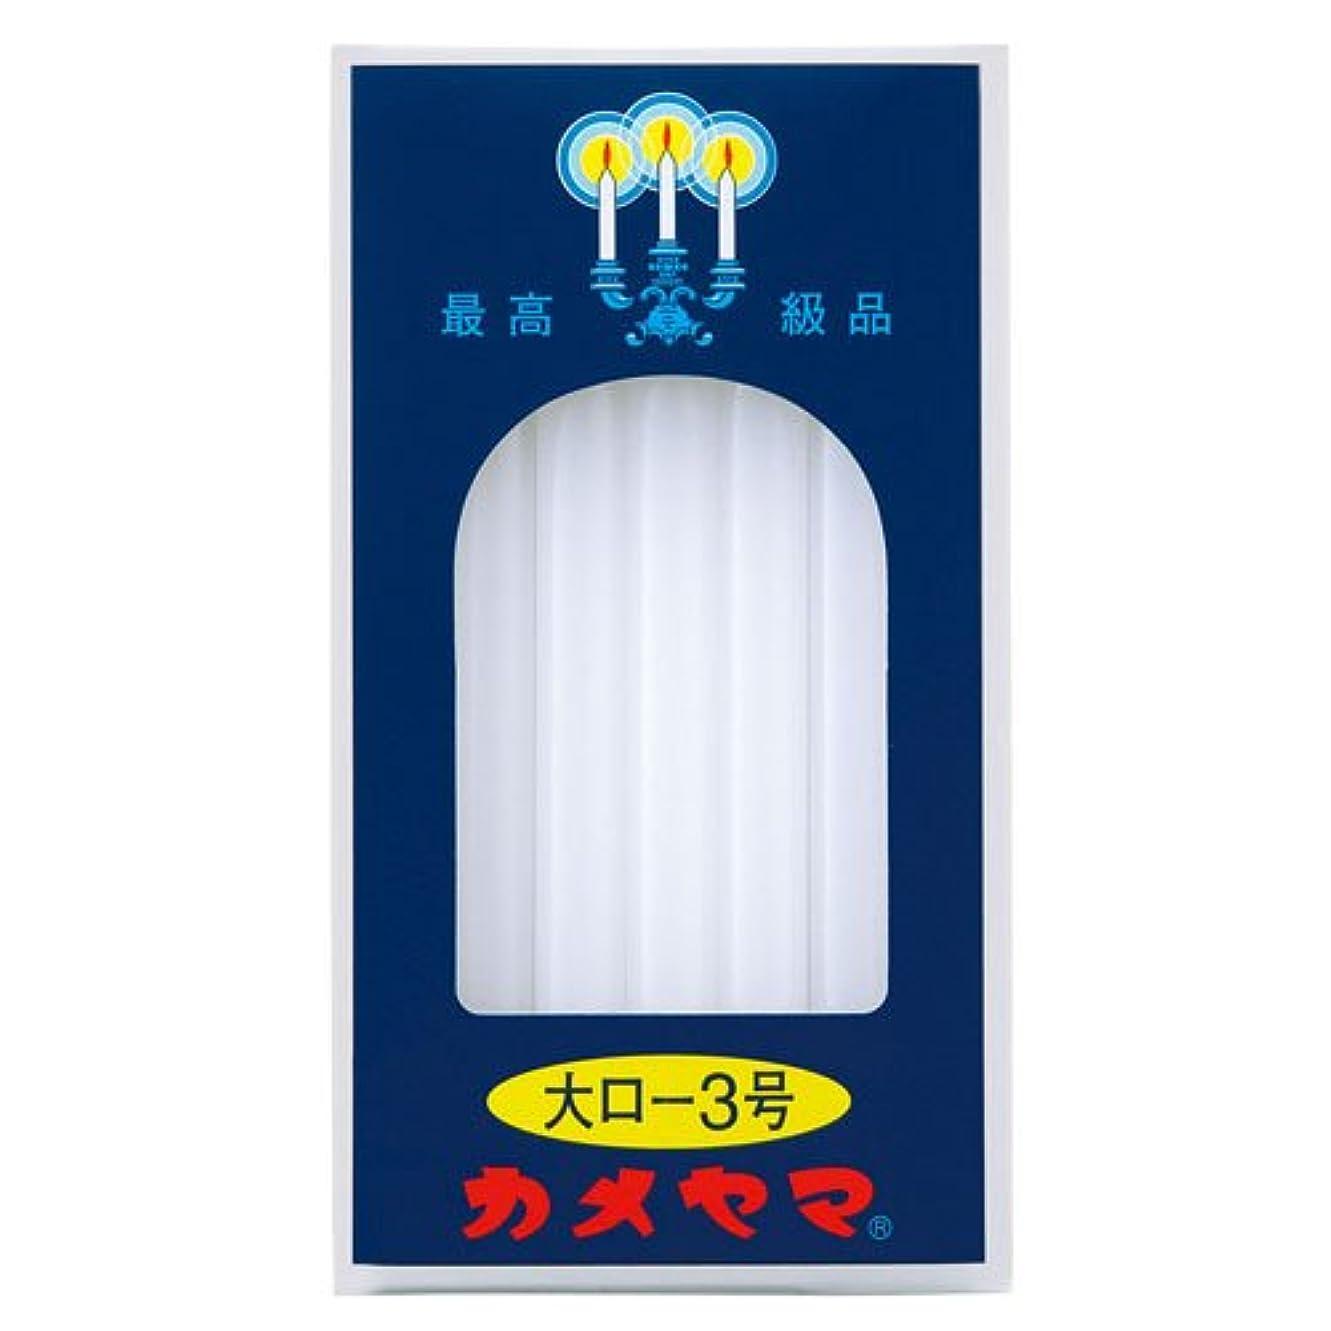 に対応補助委員会大ロ-ソク<3号> 225g